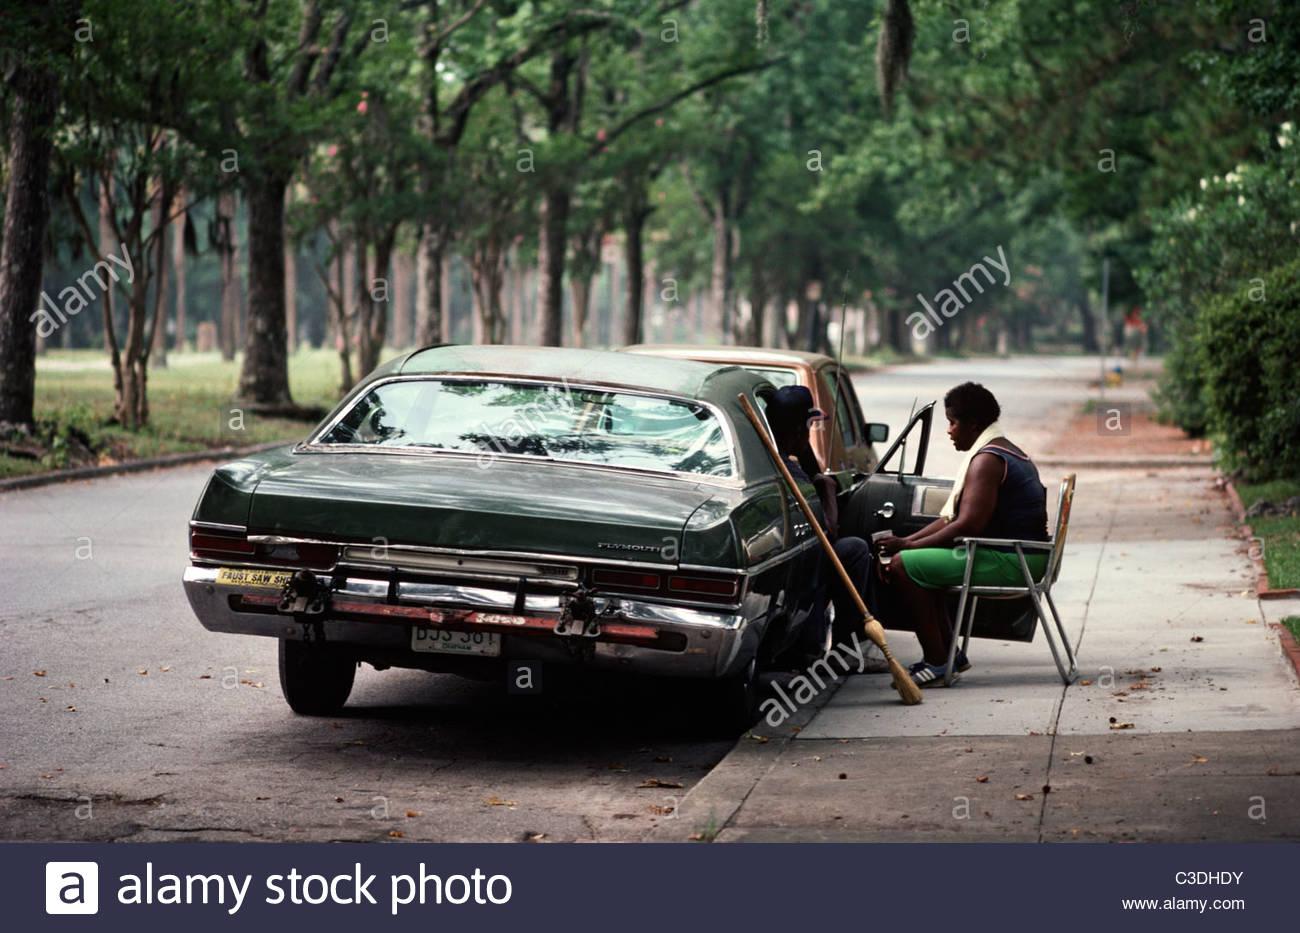 Relax en alquiler en Savannah, Georgia, EE.UU., 80's Imagen De Stock